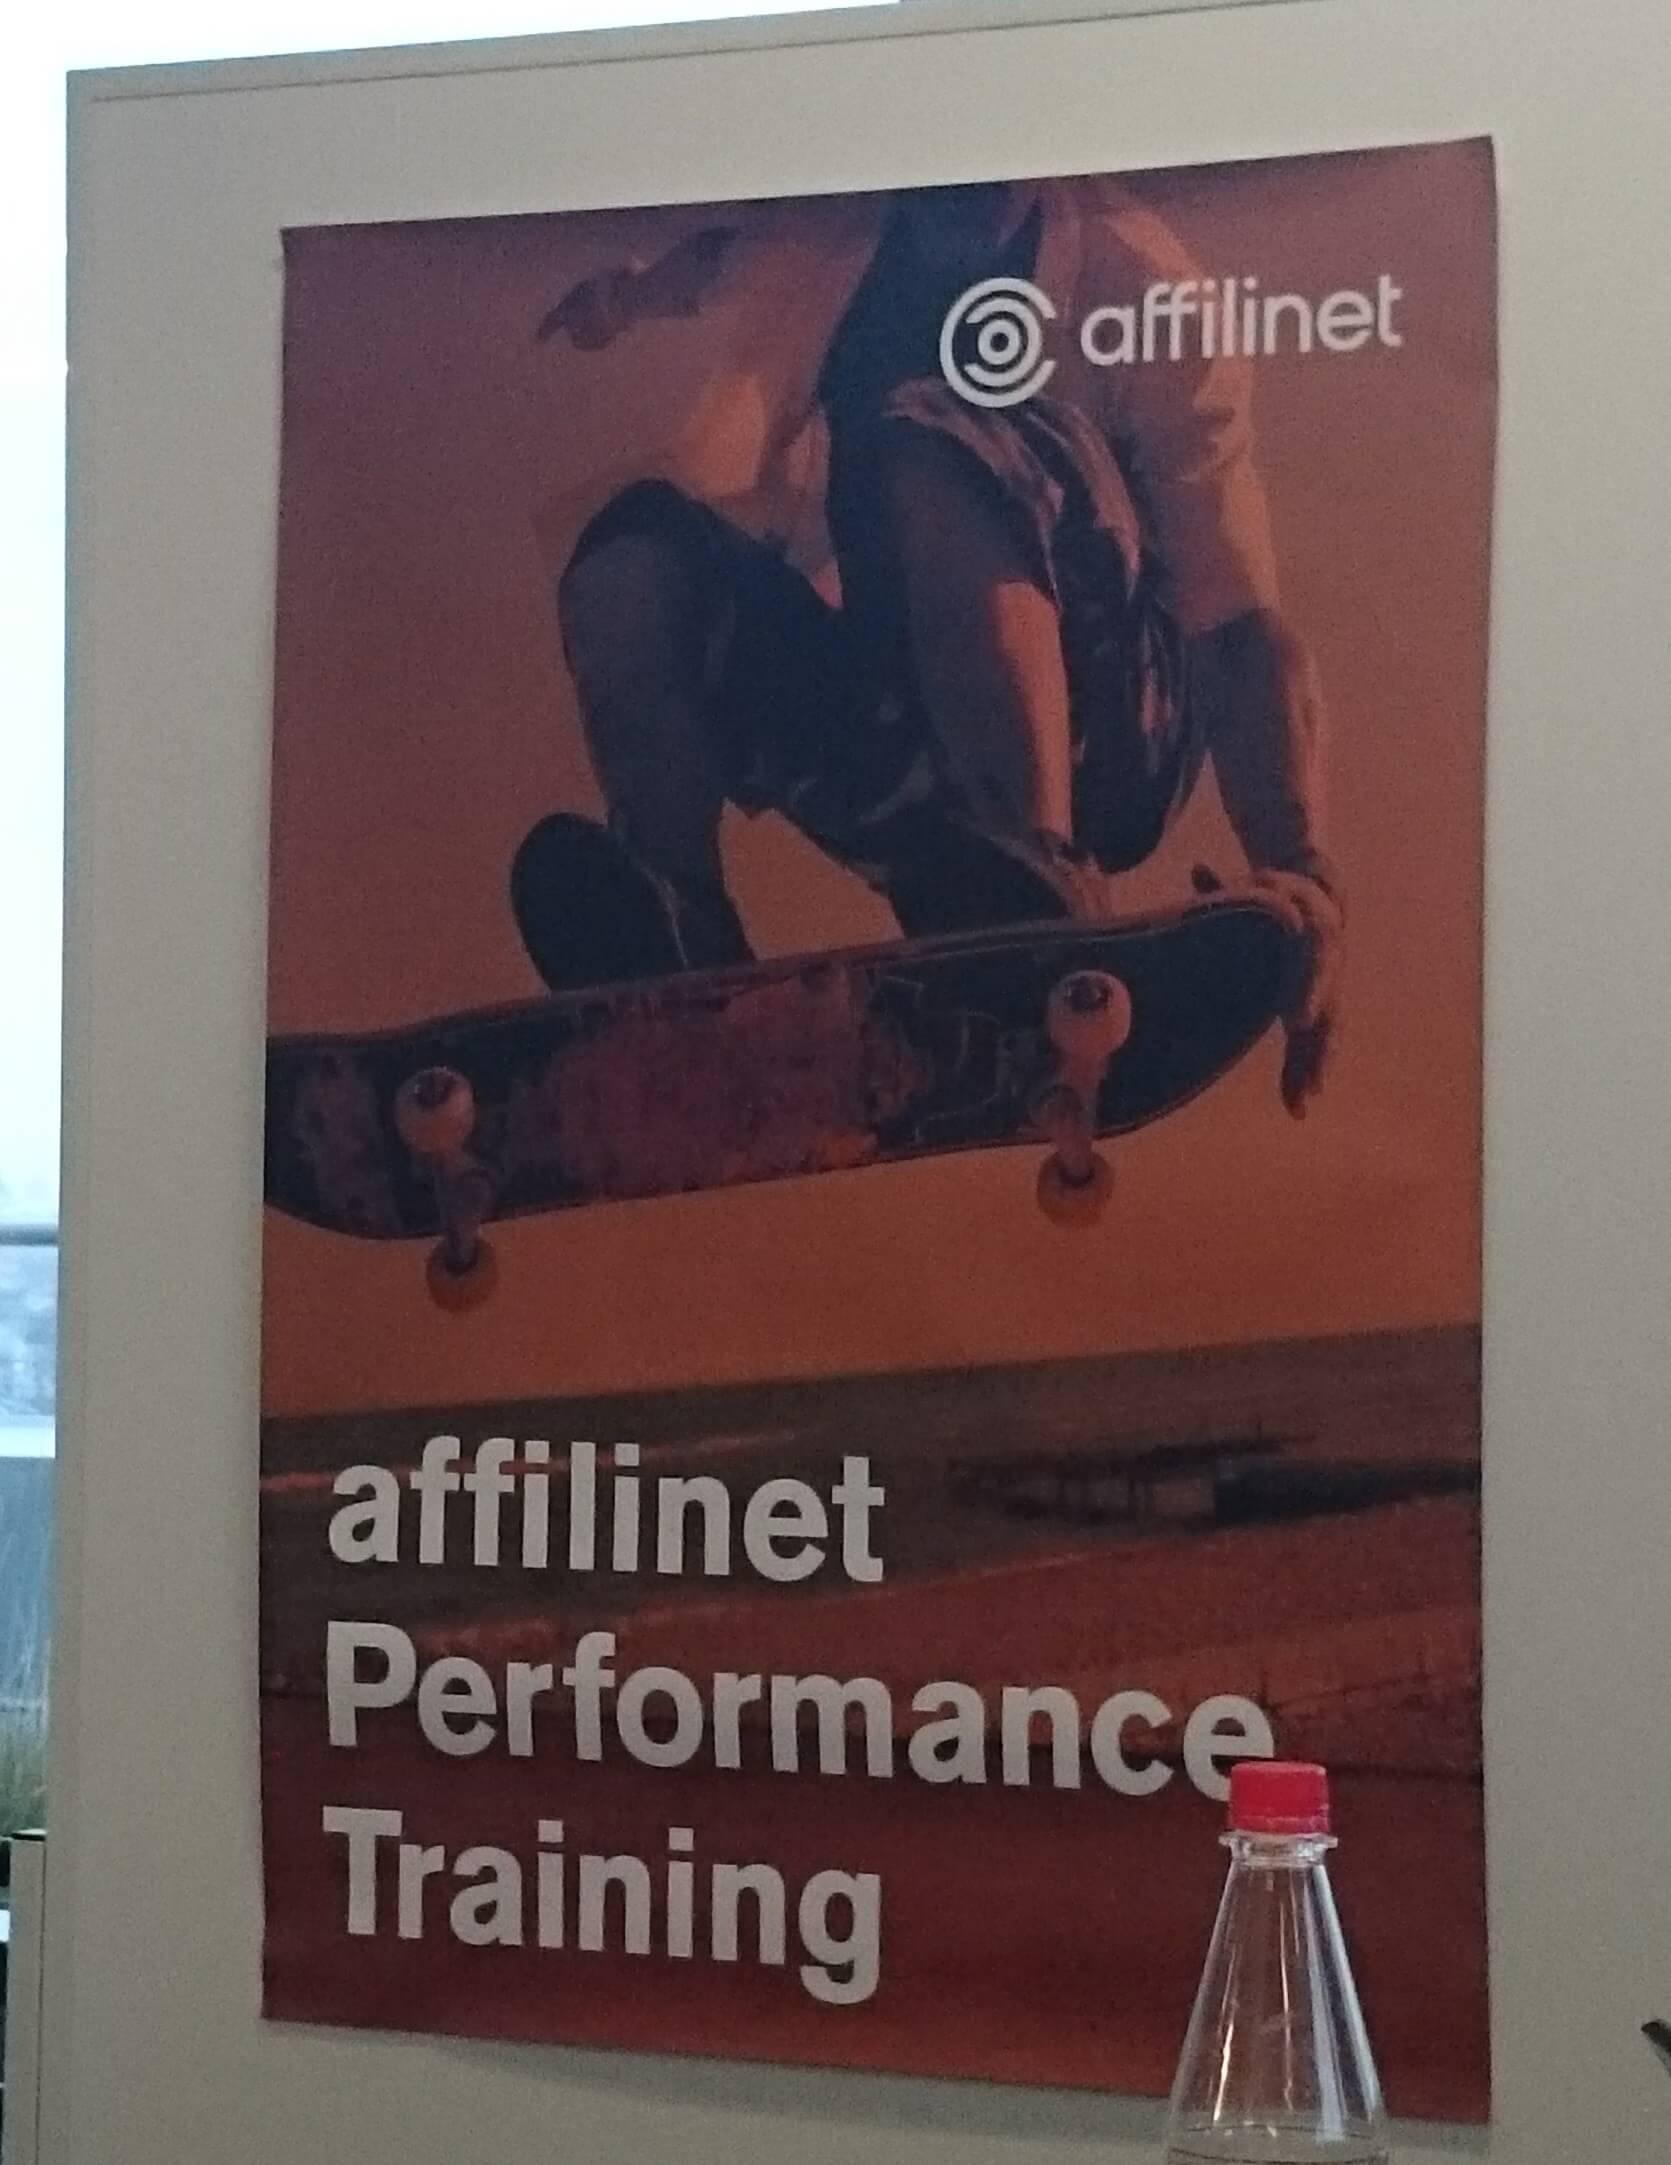 affilinet Performance Training 2015